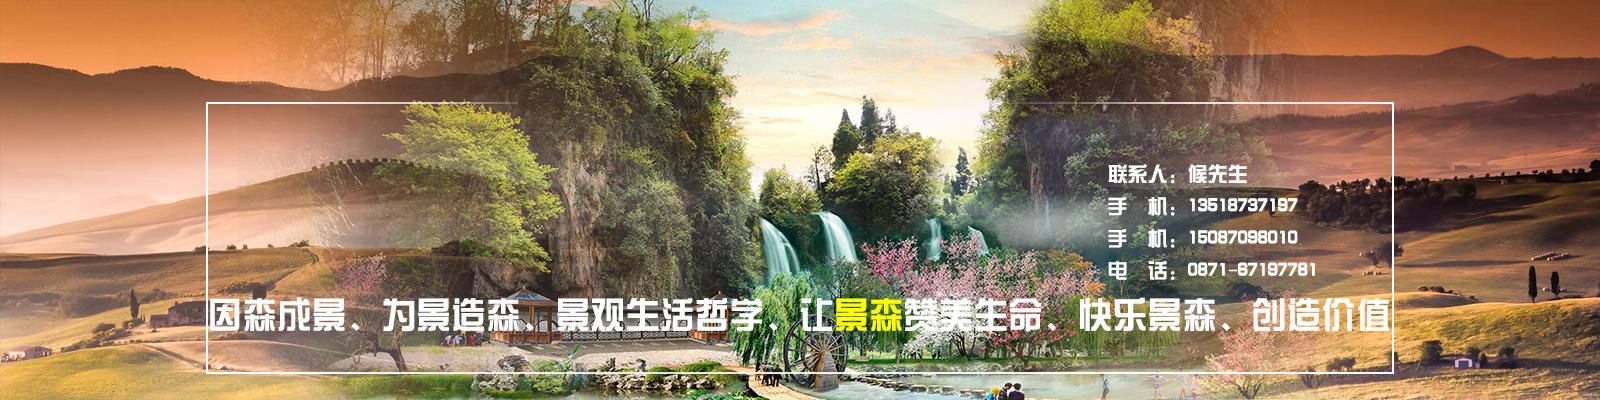 昆明园林景观